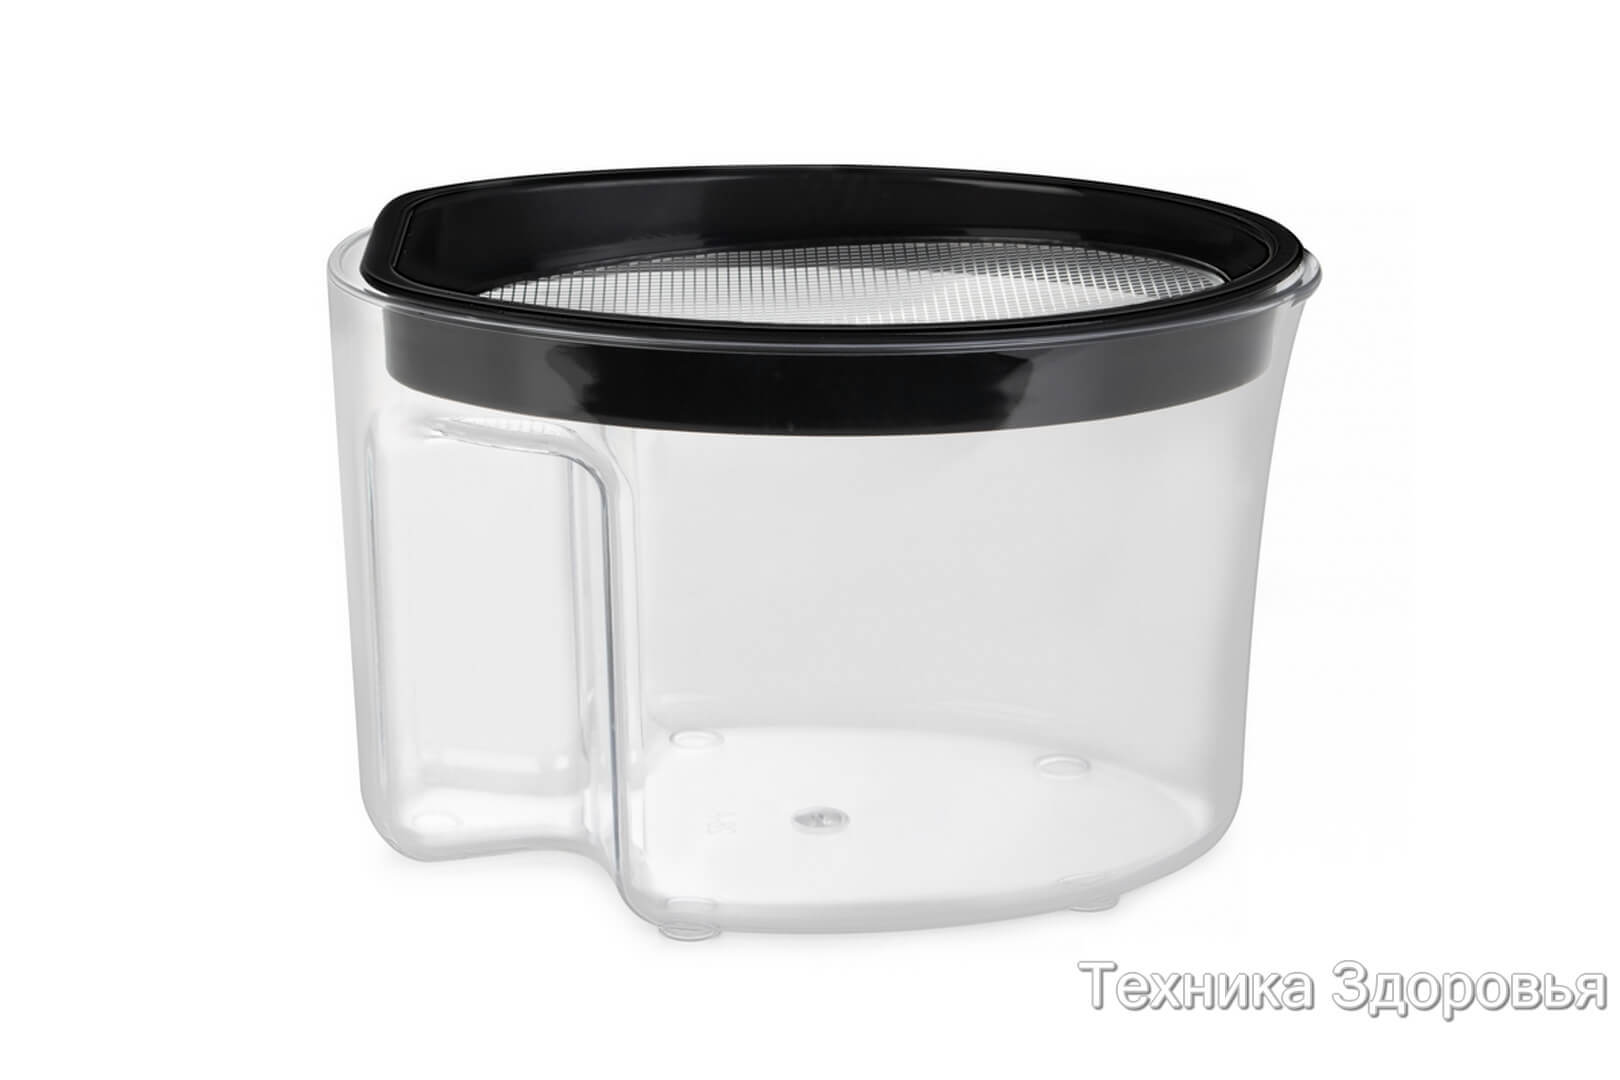 Контейнер для сока с фильтрующей сеткой